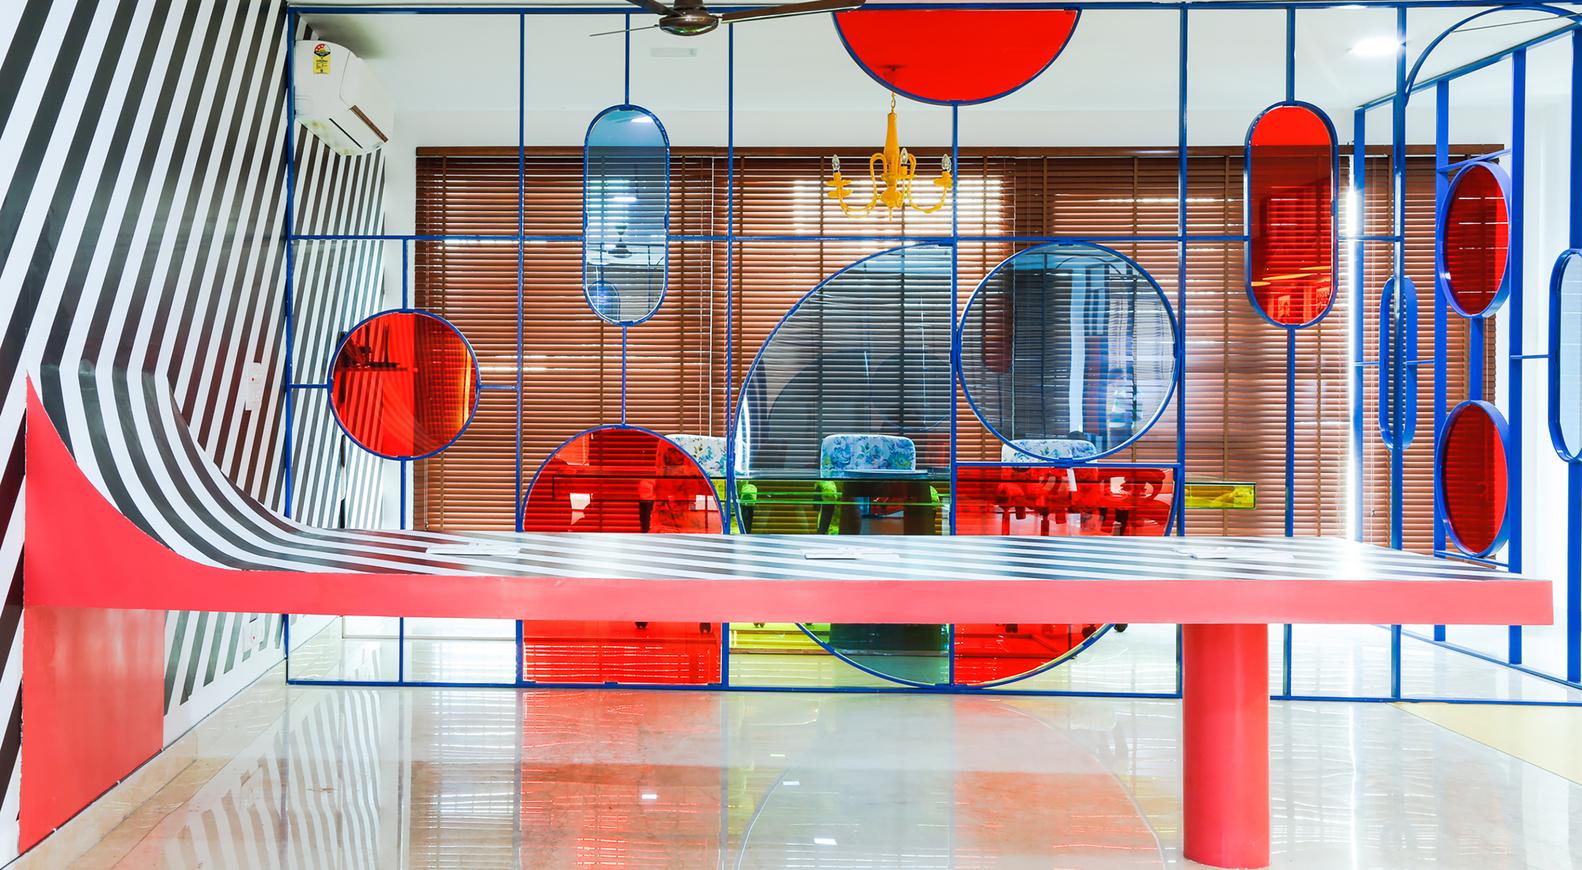 طراحی خلاقانه دفتر کار رنگارنگ در هند - Esquire Office 1 1